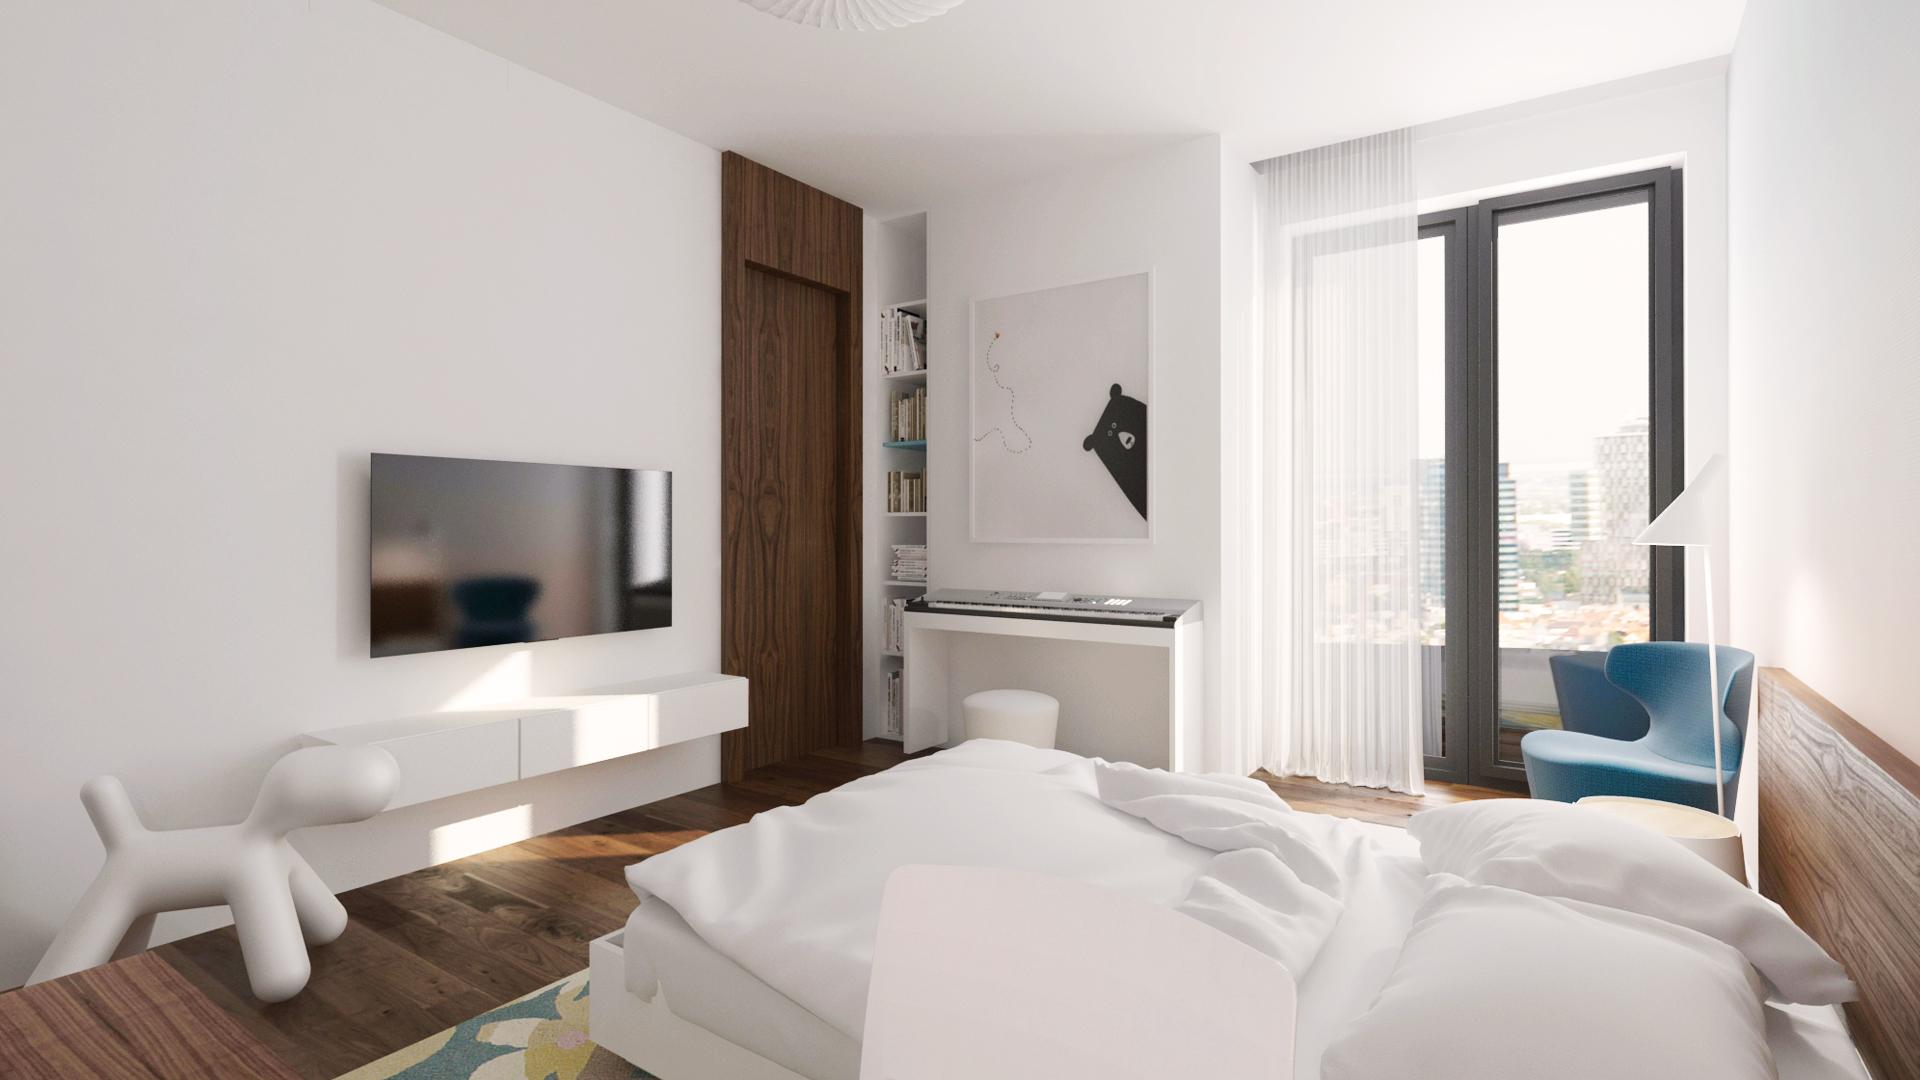 navrh interieru spalne, navrh spalne, interier spalne, interierovy dizajn, interierovy dizajner, veronika paluchova, bedroom design, walnut design, orech, dyha, design room,